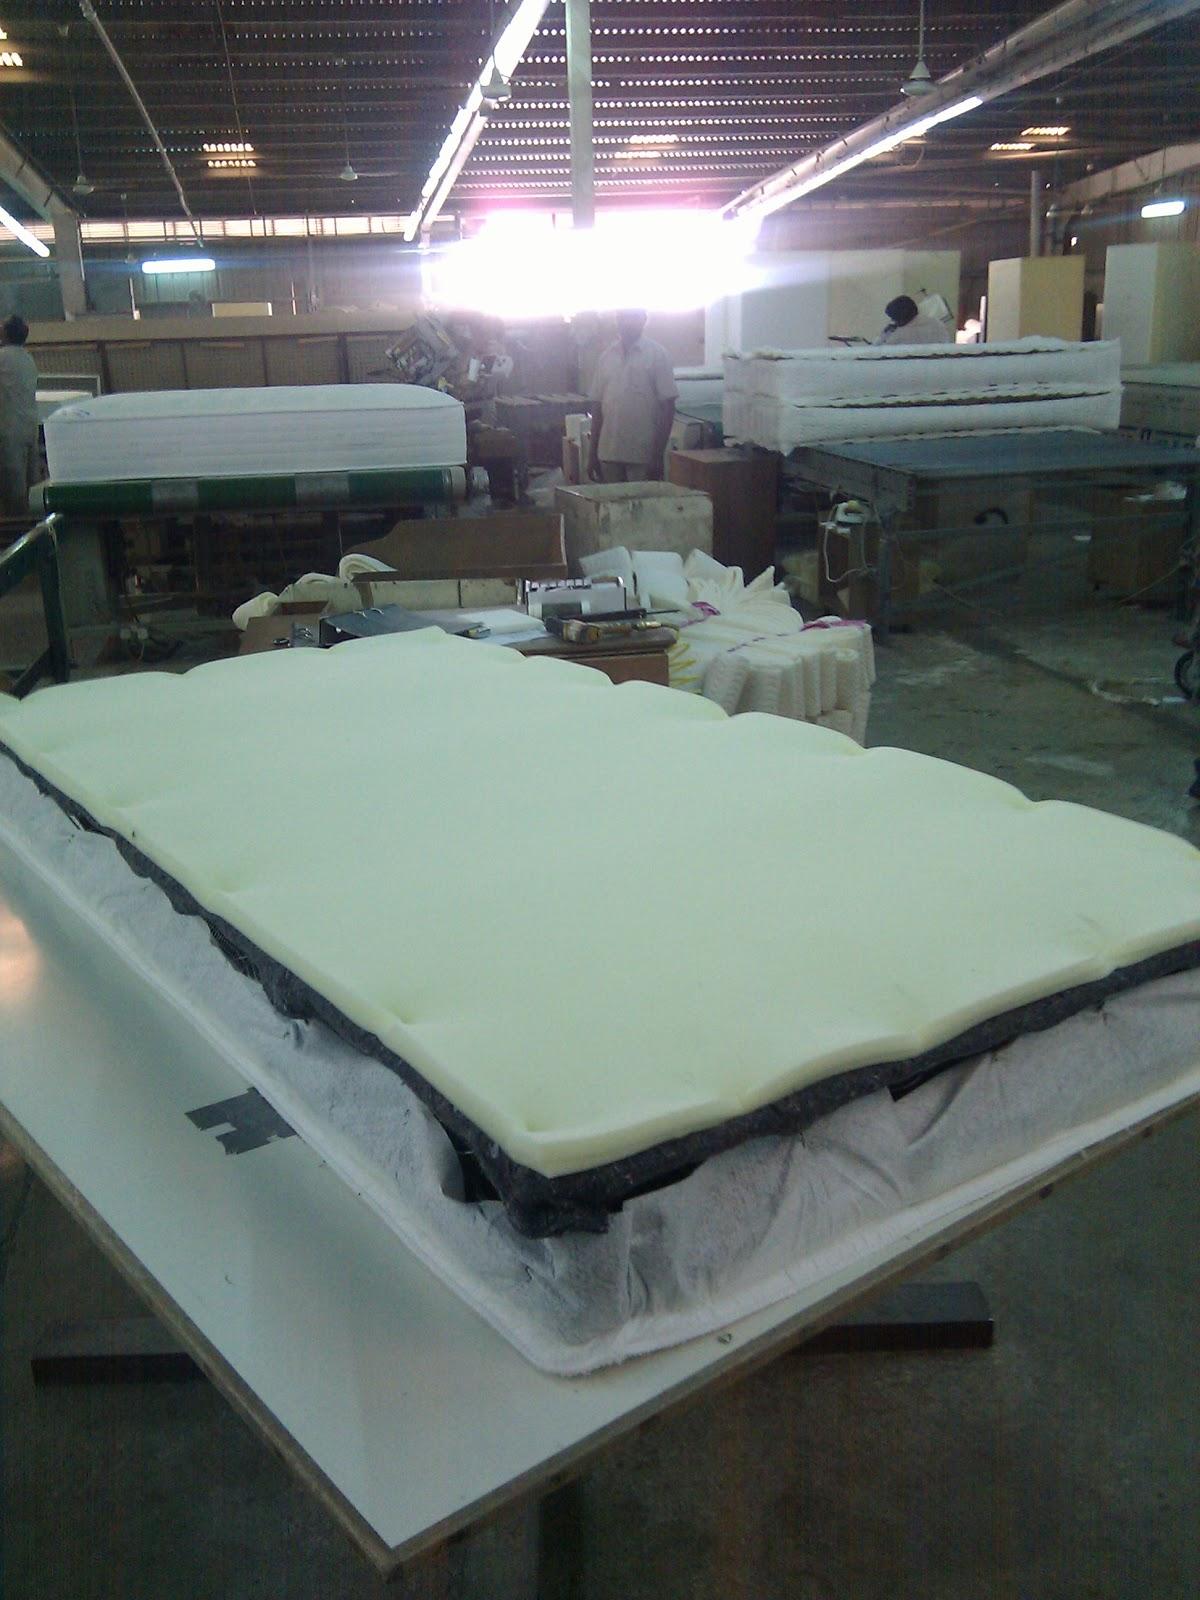 My Raha mattress - [MM] Muscat Mutterings